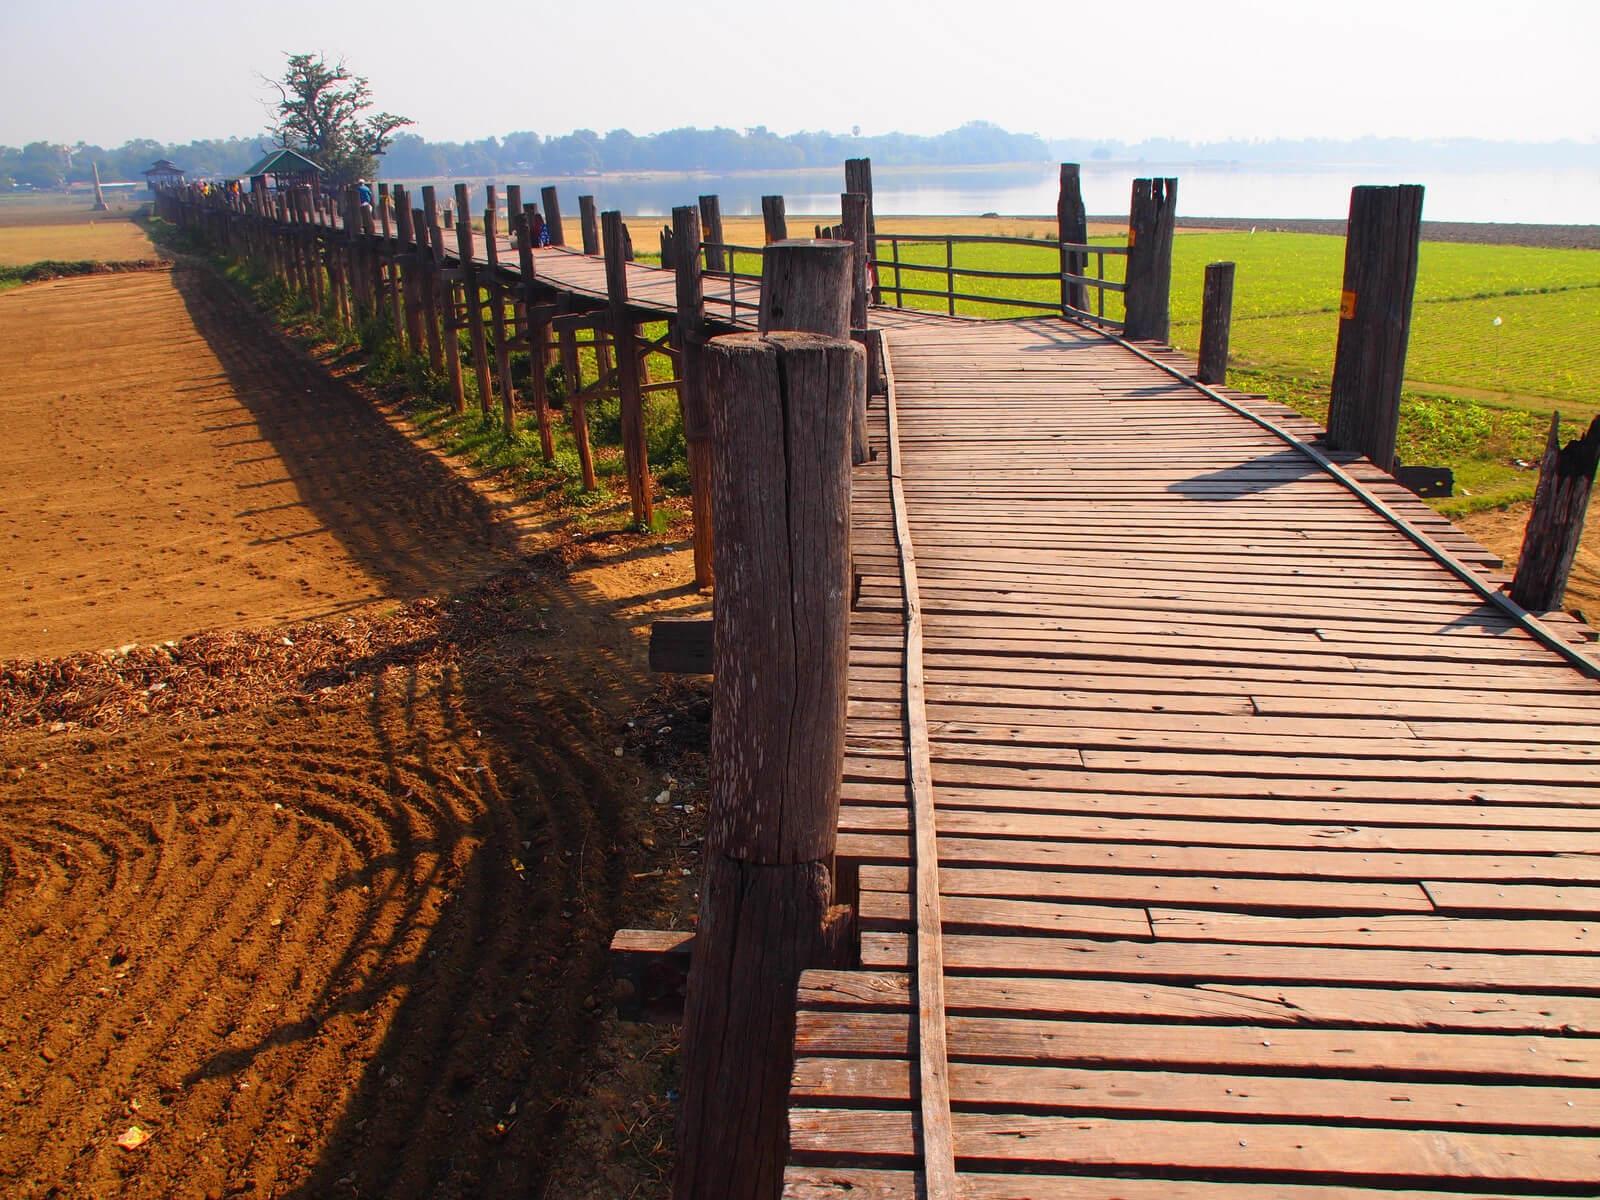 Pasarela del puente de U Bein